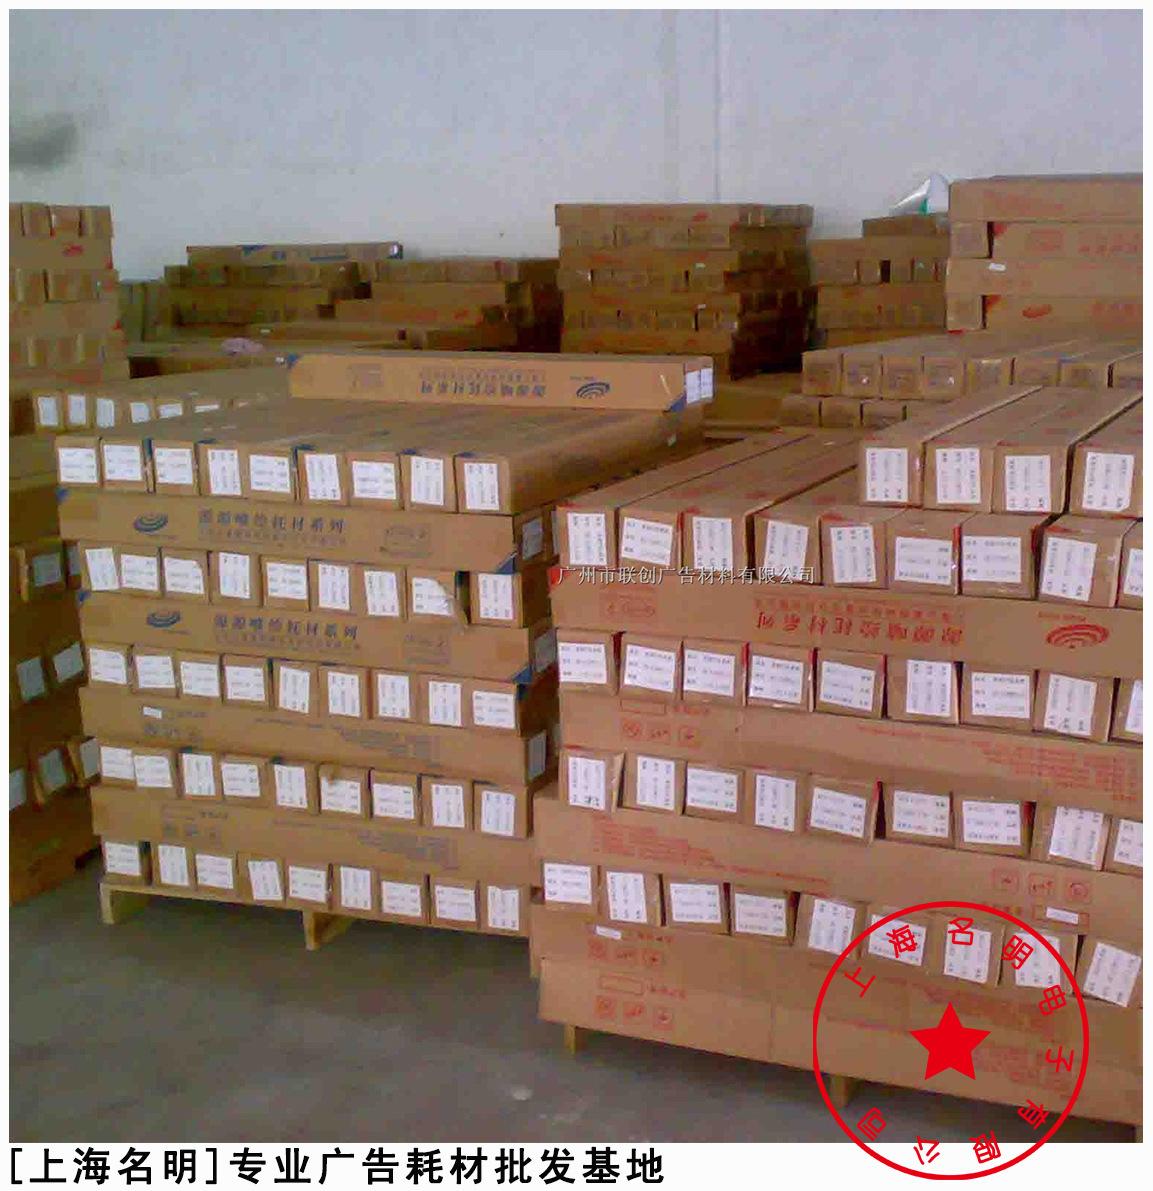 上海耗材批发  [户内130g背胶PP合成纸]  水性BY160PP背胶合成纸